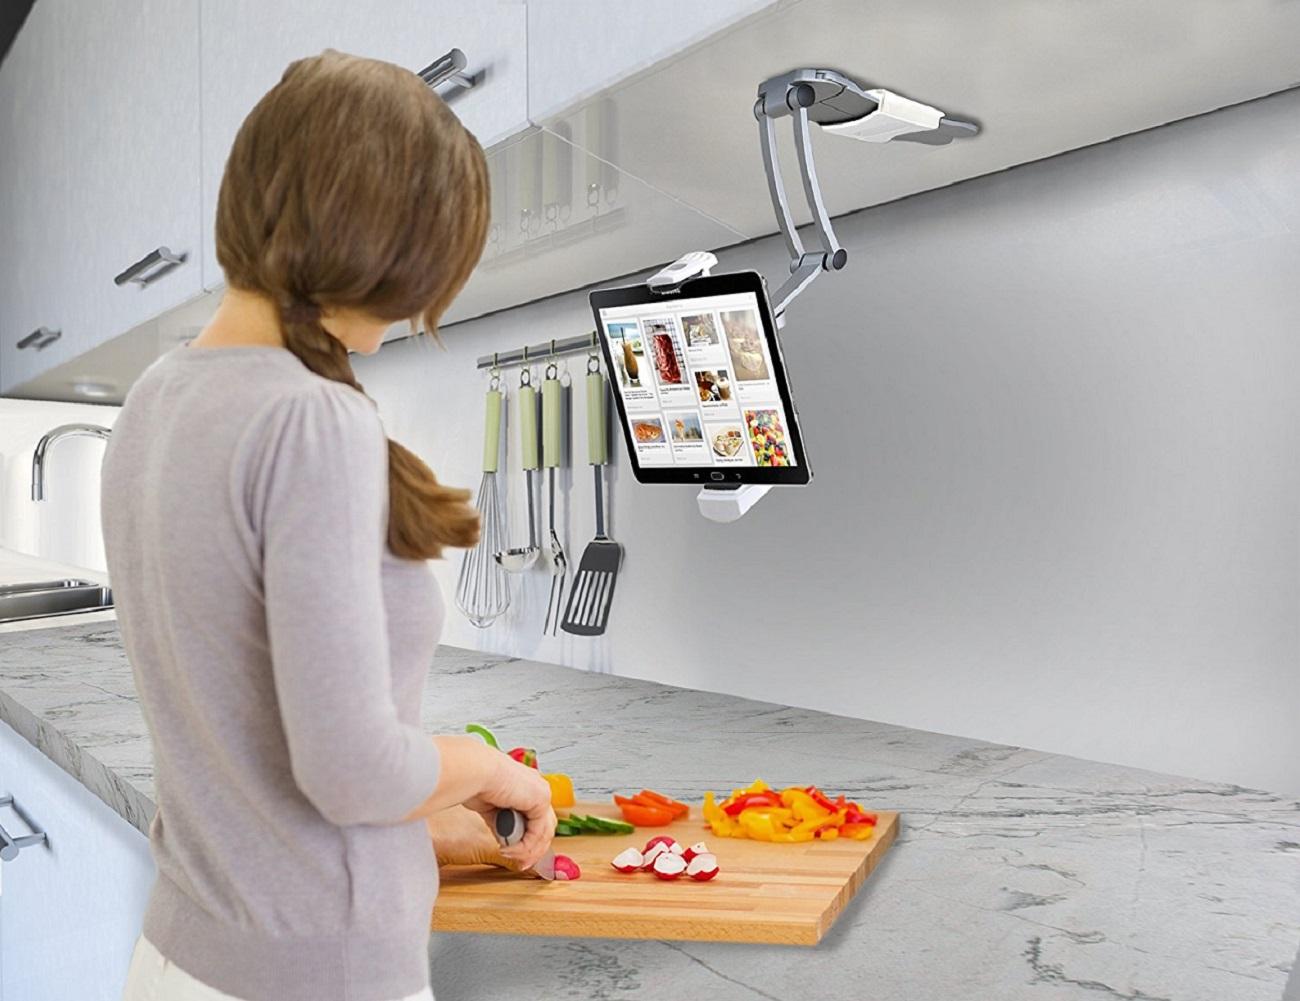 Digital 2-In-1 Kitchen Mount Stand